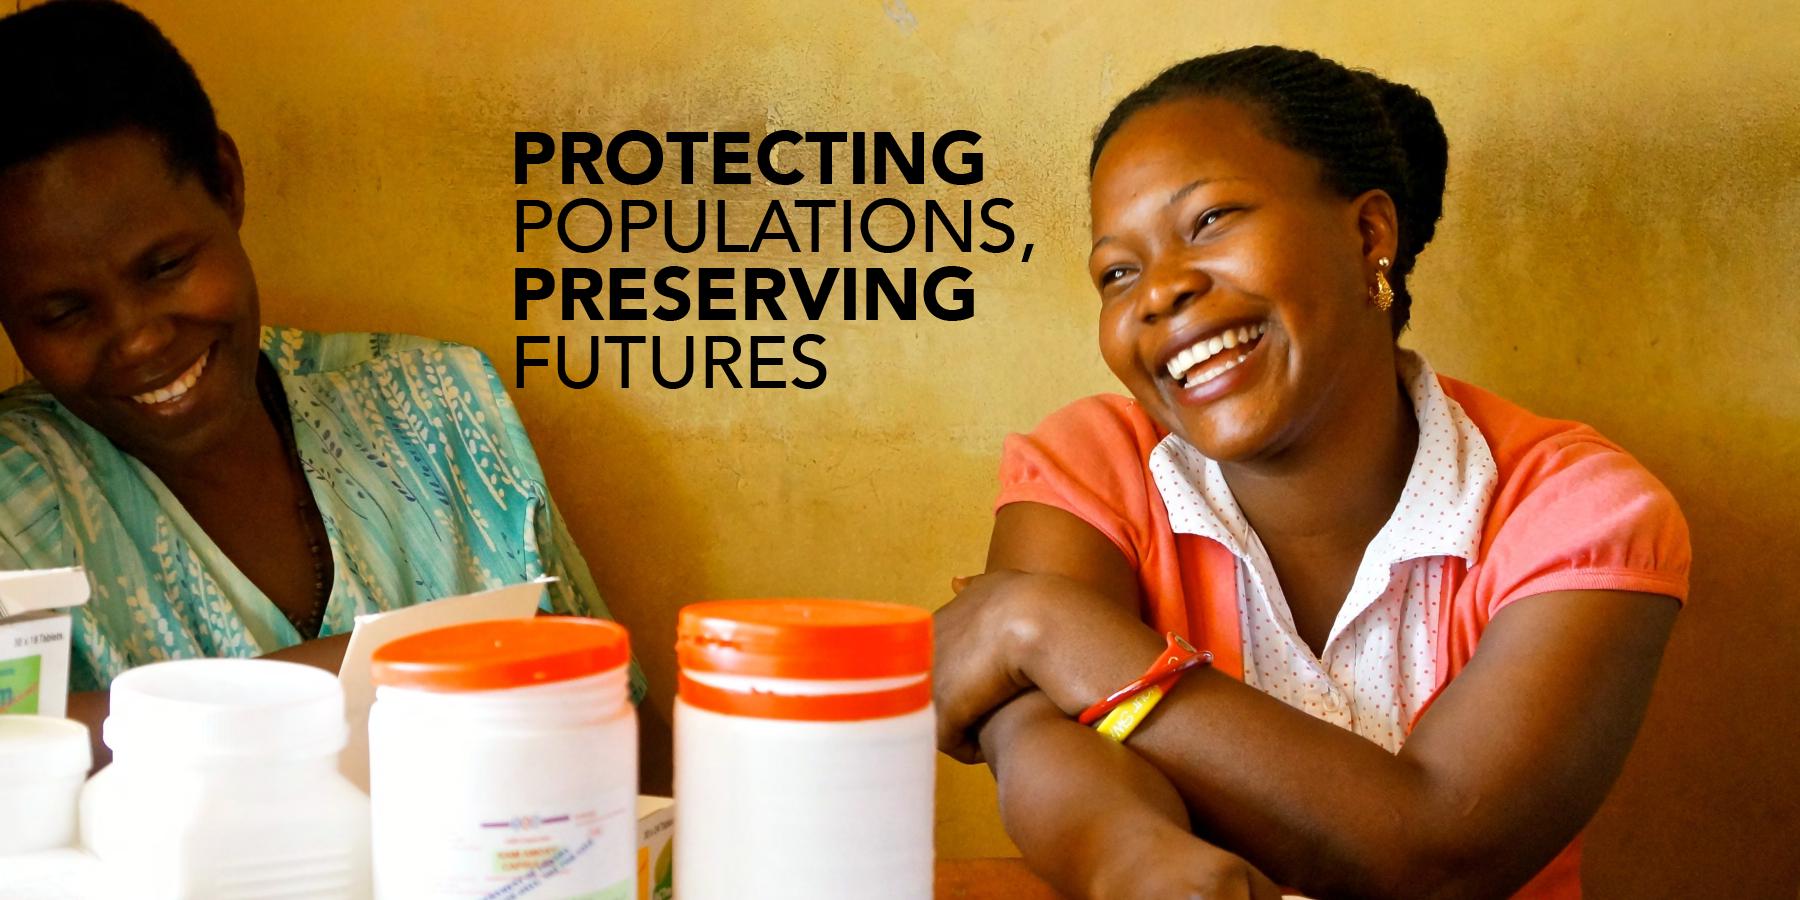 Optimizar la fuerza laboral de salud para combatir las ENT y lograr la cobertura sanitaria universal